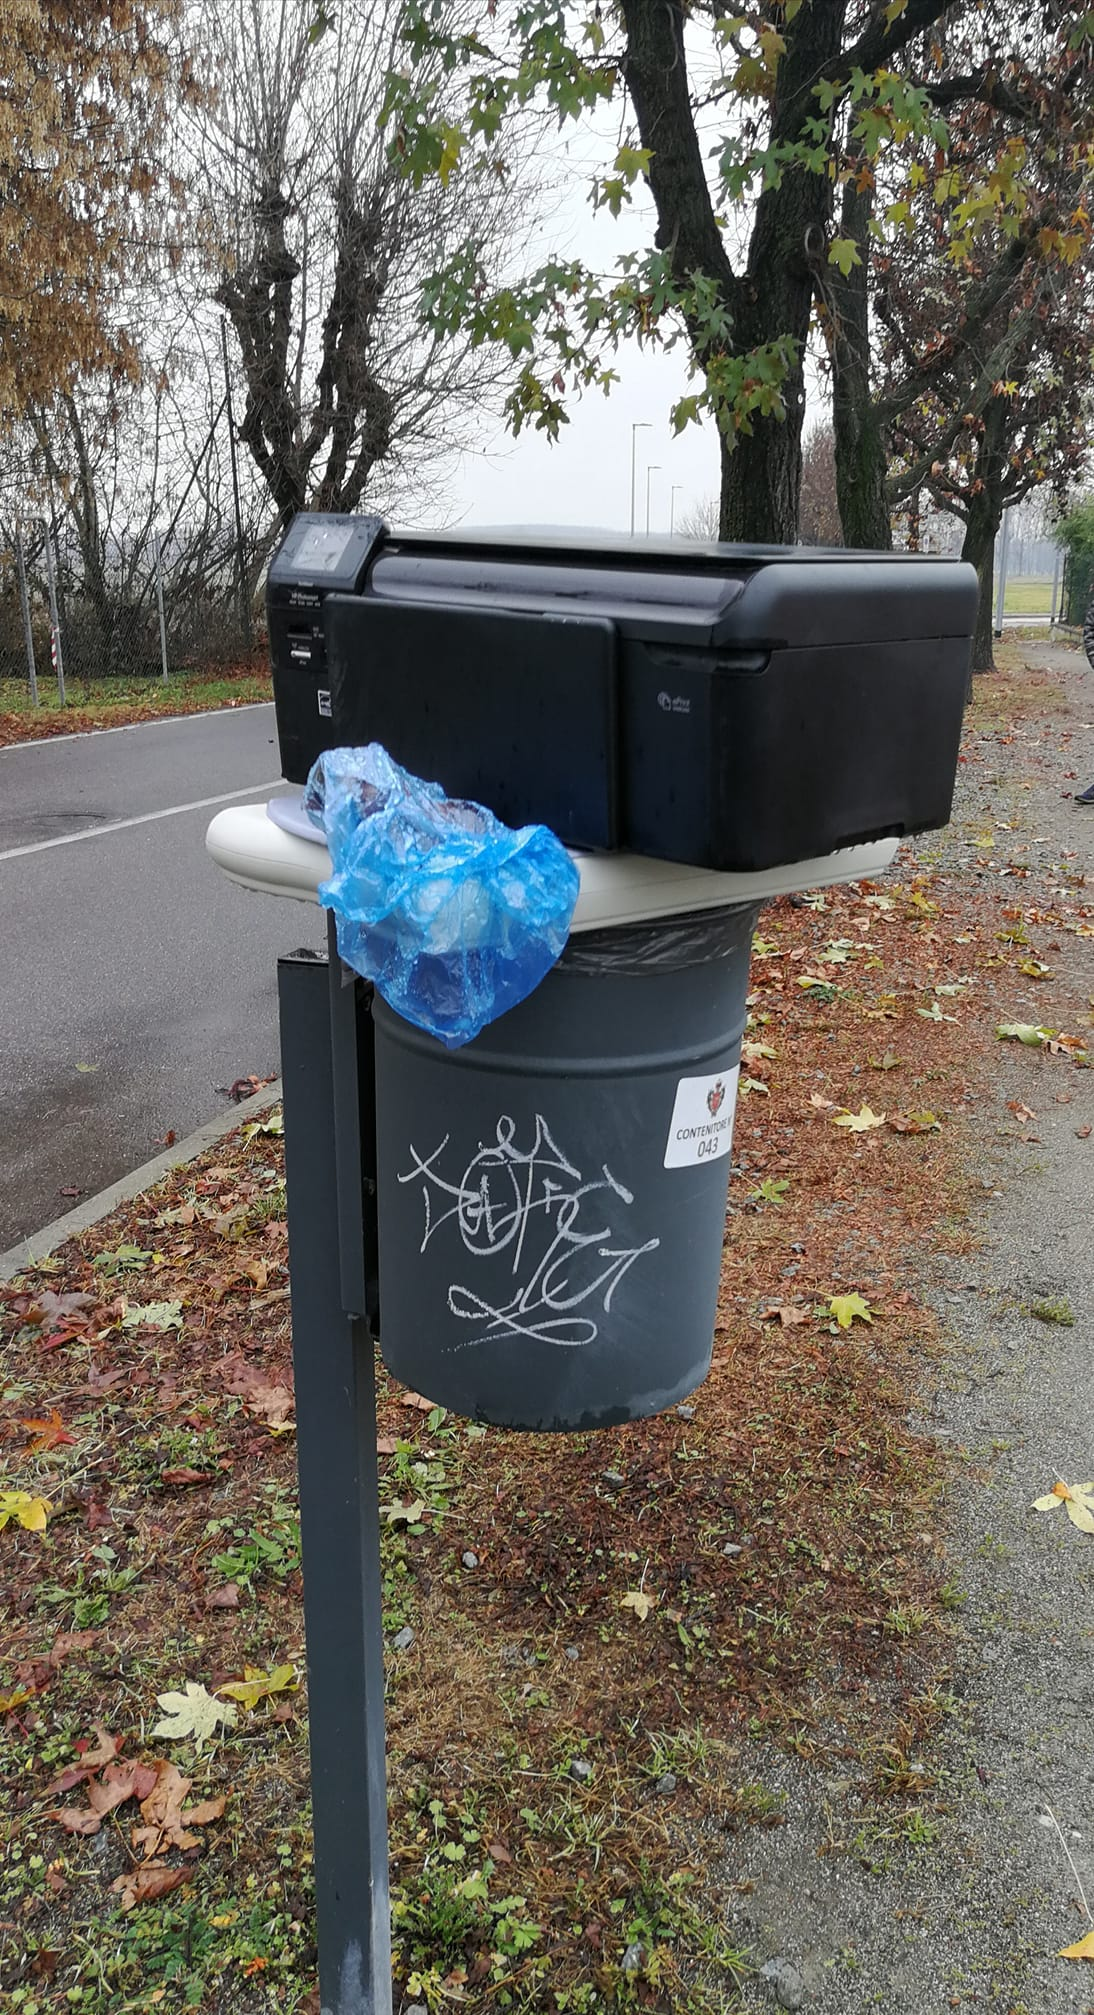 CAMBIANO – Ennesimo abbandono selvaggio di rifiuti